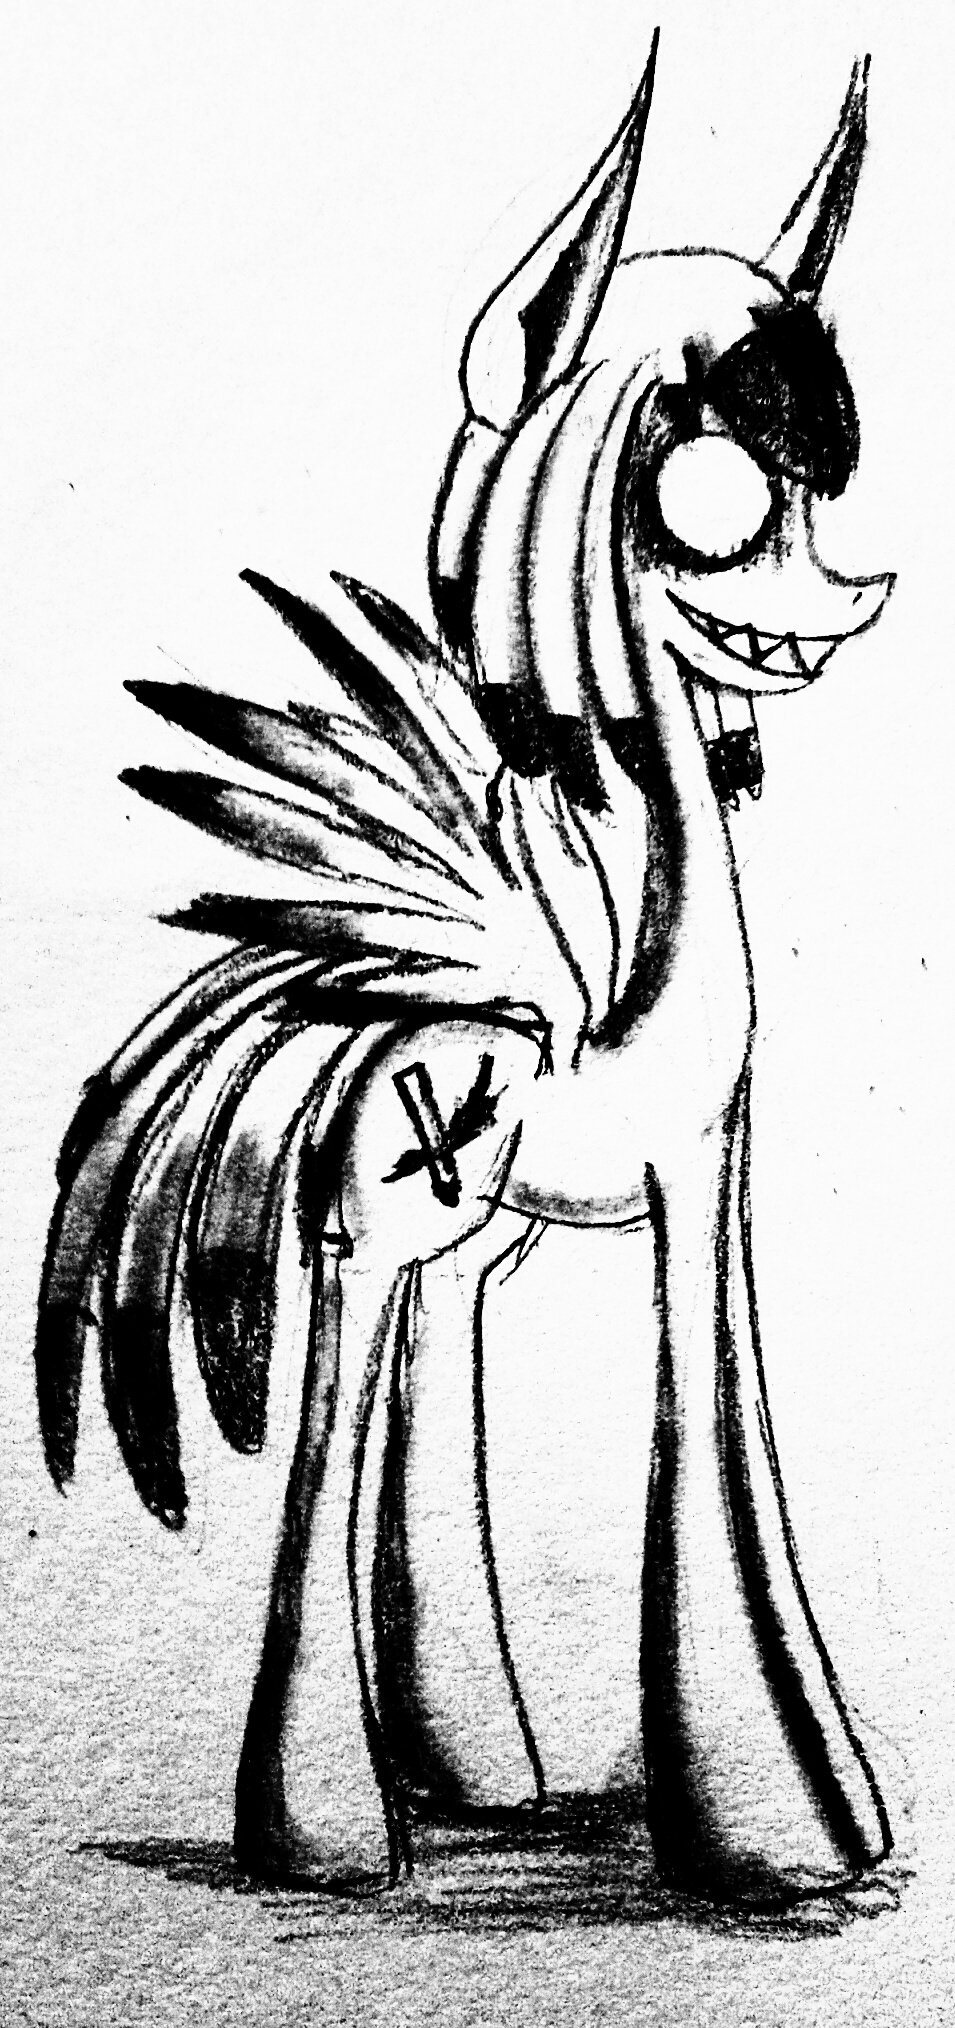 Tim Burton styled Artsen Raven Brave by WhiteNoiseGhost